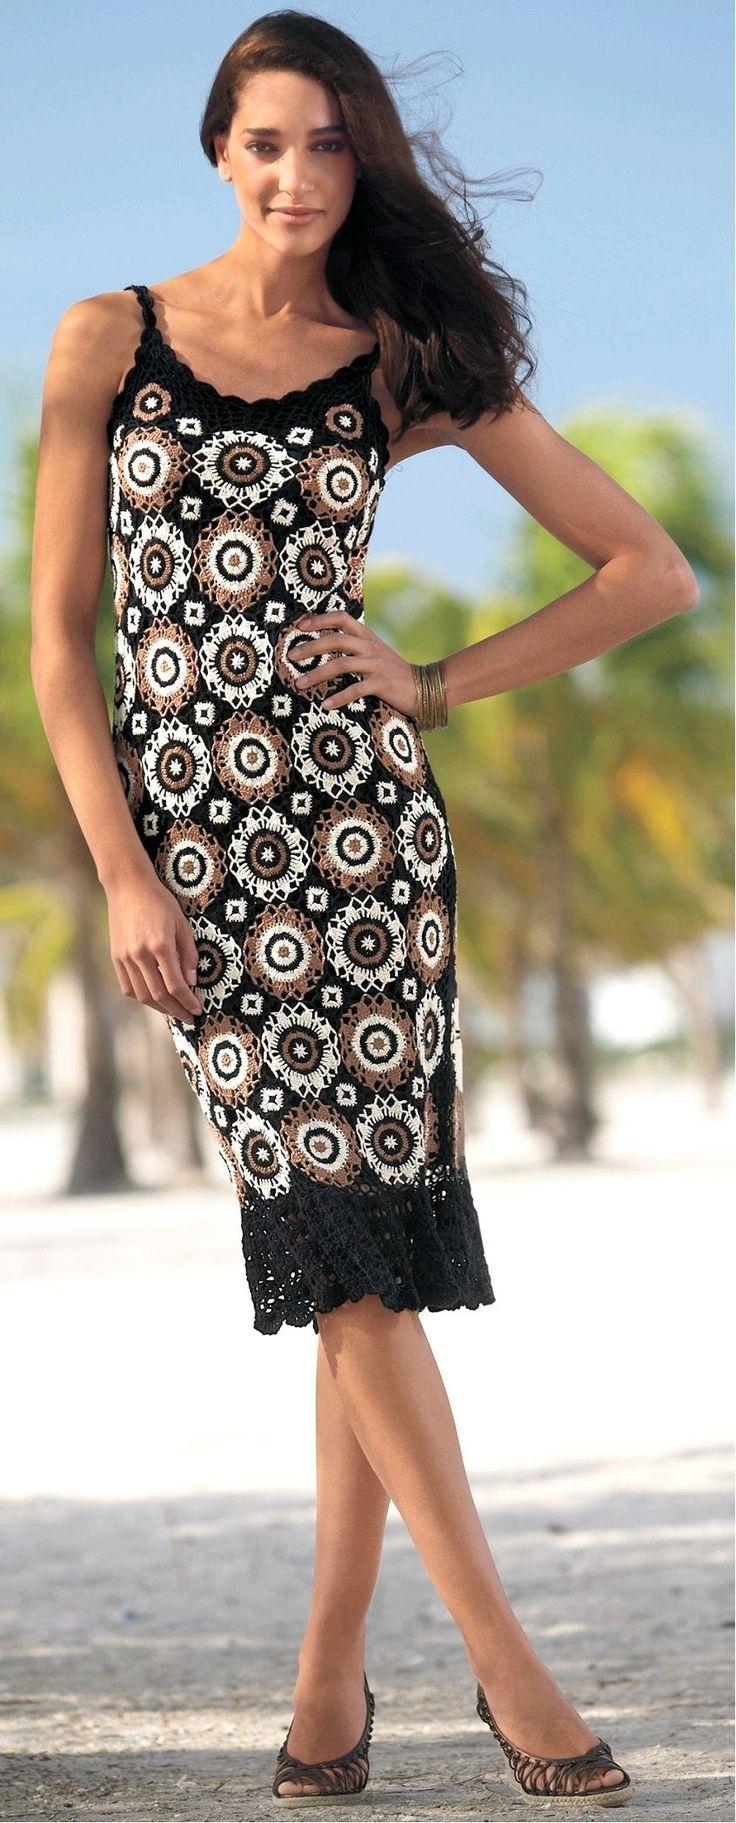 Precioso diseño de vestido vinculando motivos ,colcha ejemplar y traje de baño de temporada